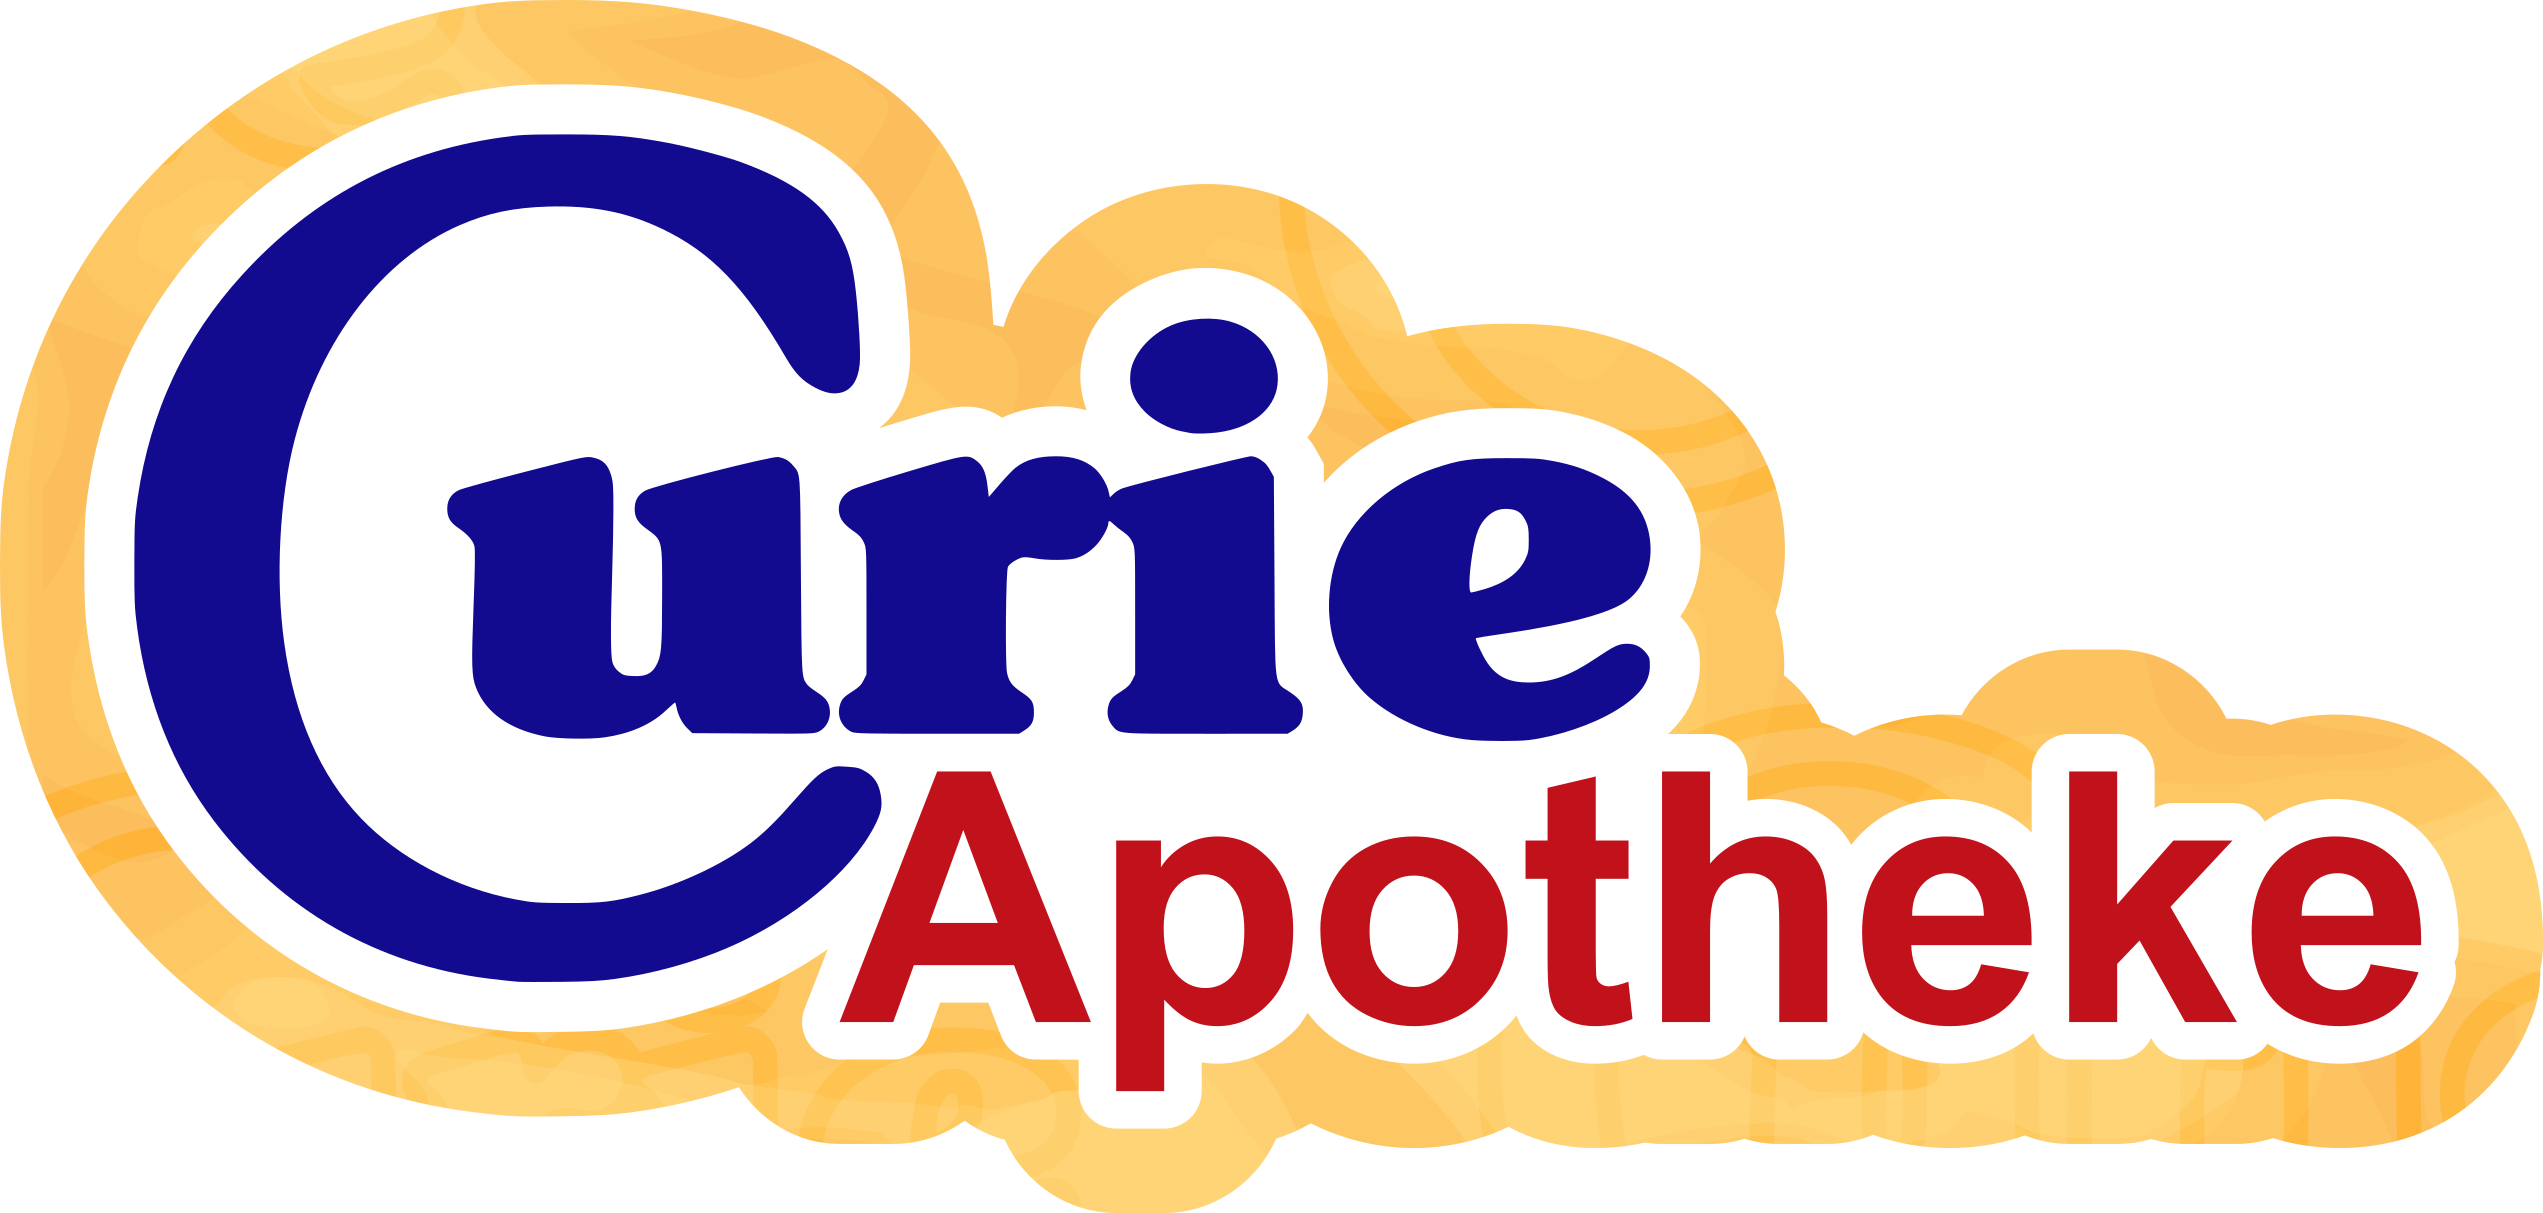 Logo der Curie-Apotheke Leopoldshafen